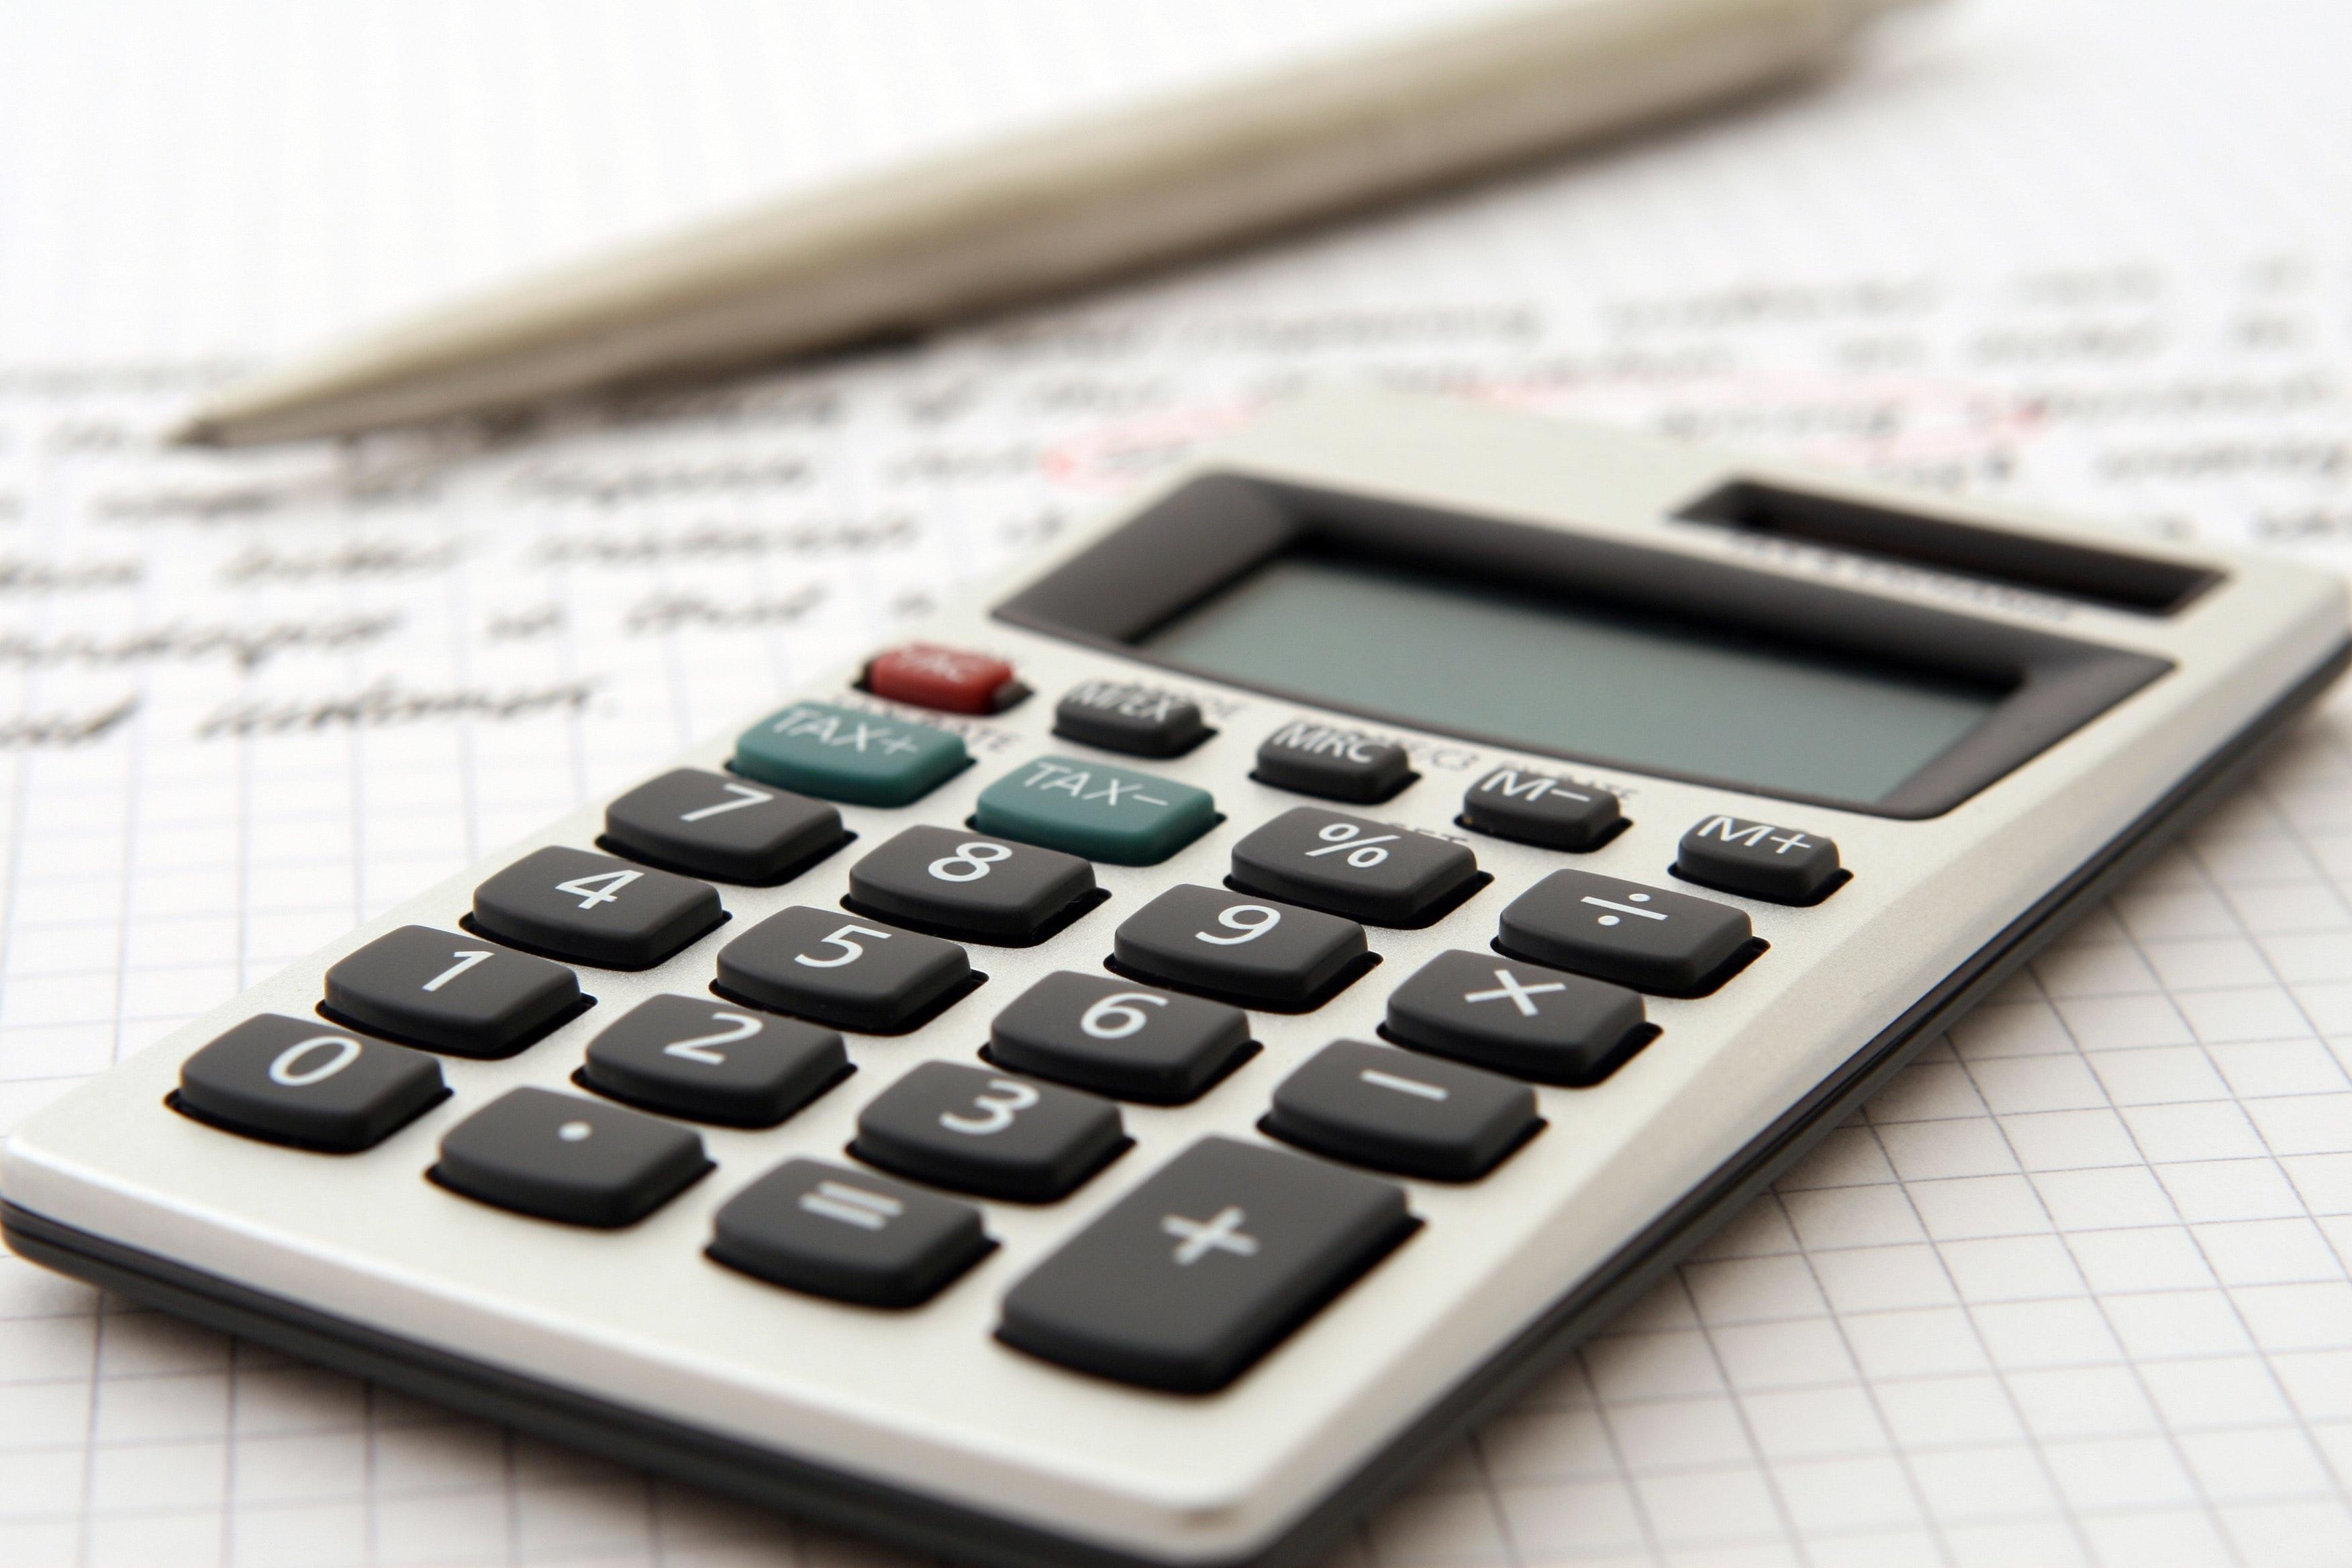 Banco deverá limitar desconto em folha relativo a empréstimos a 30% dos vencimentos de aposentado